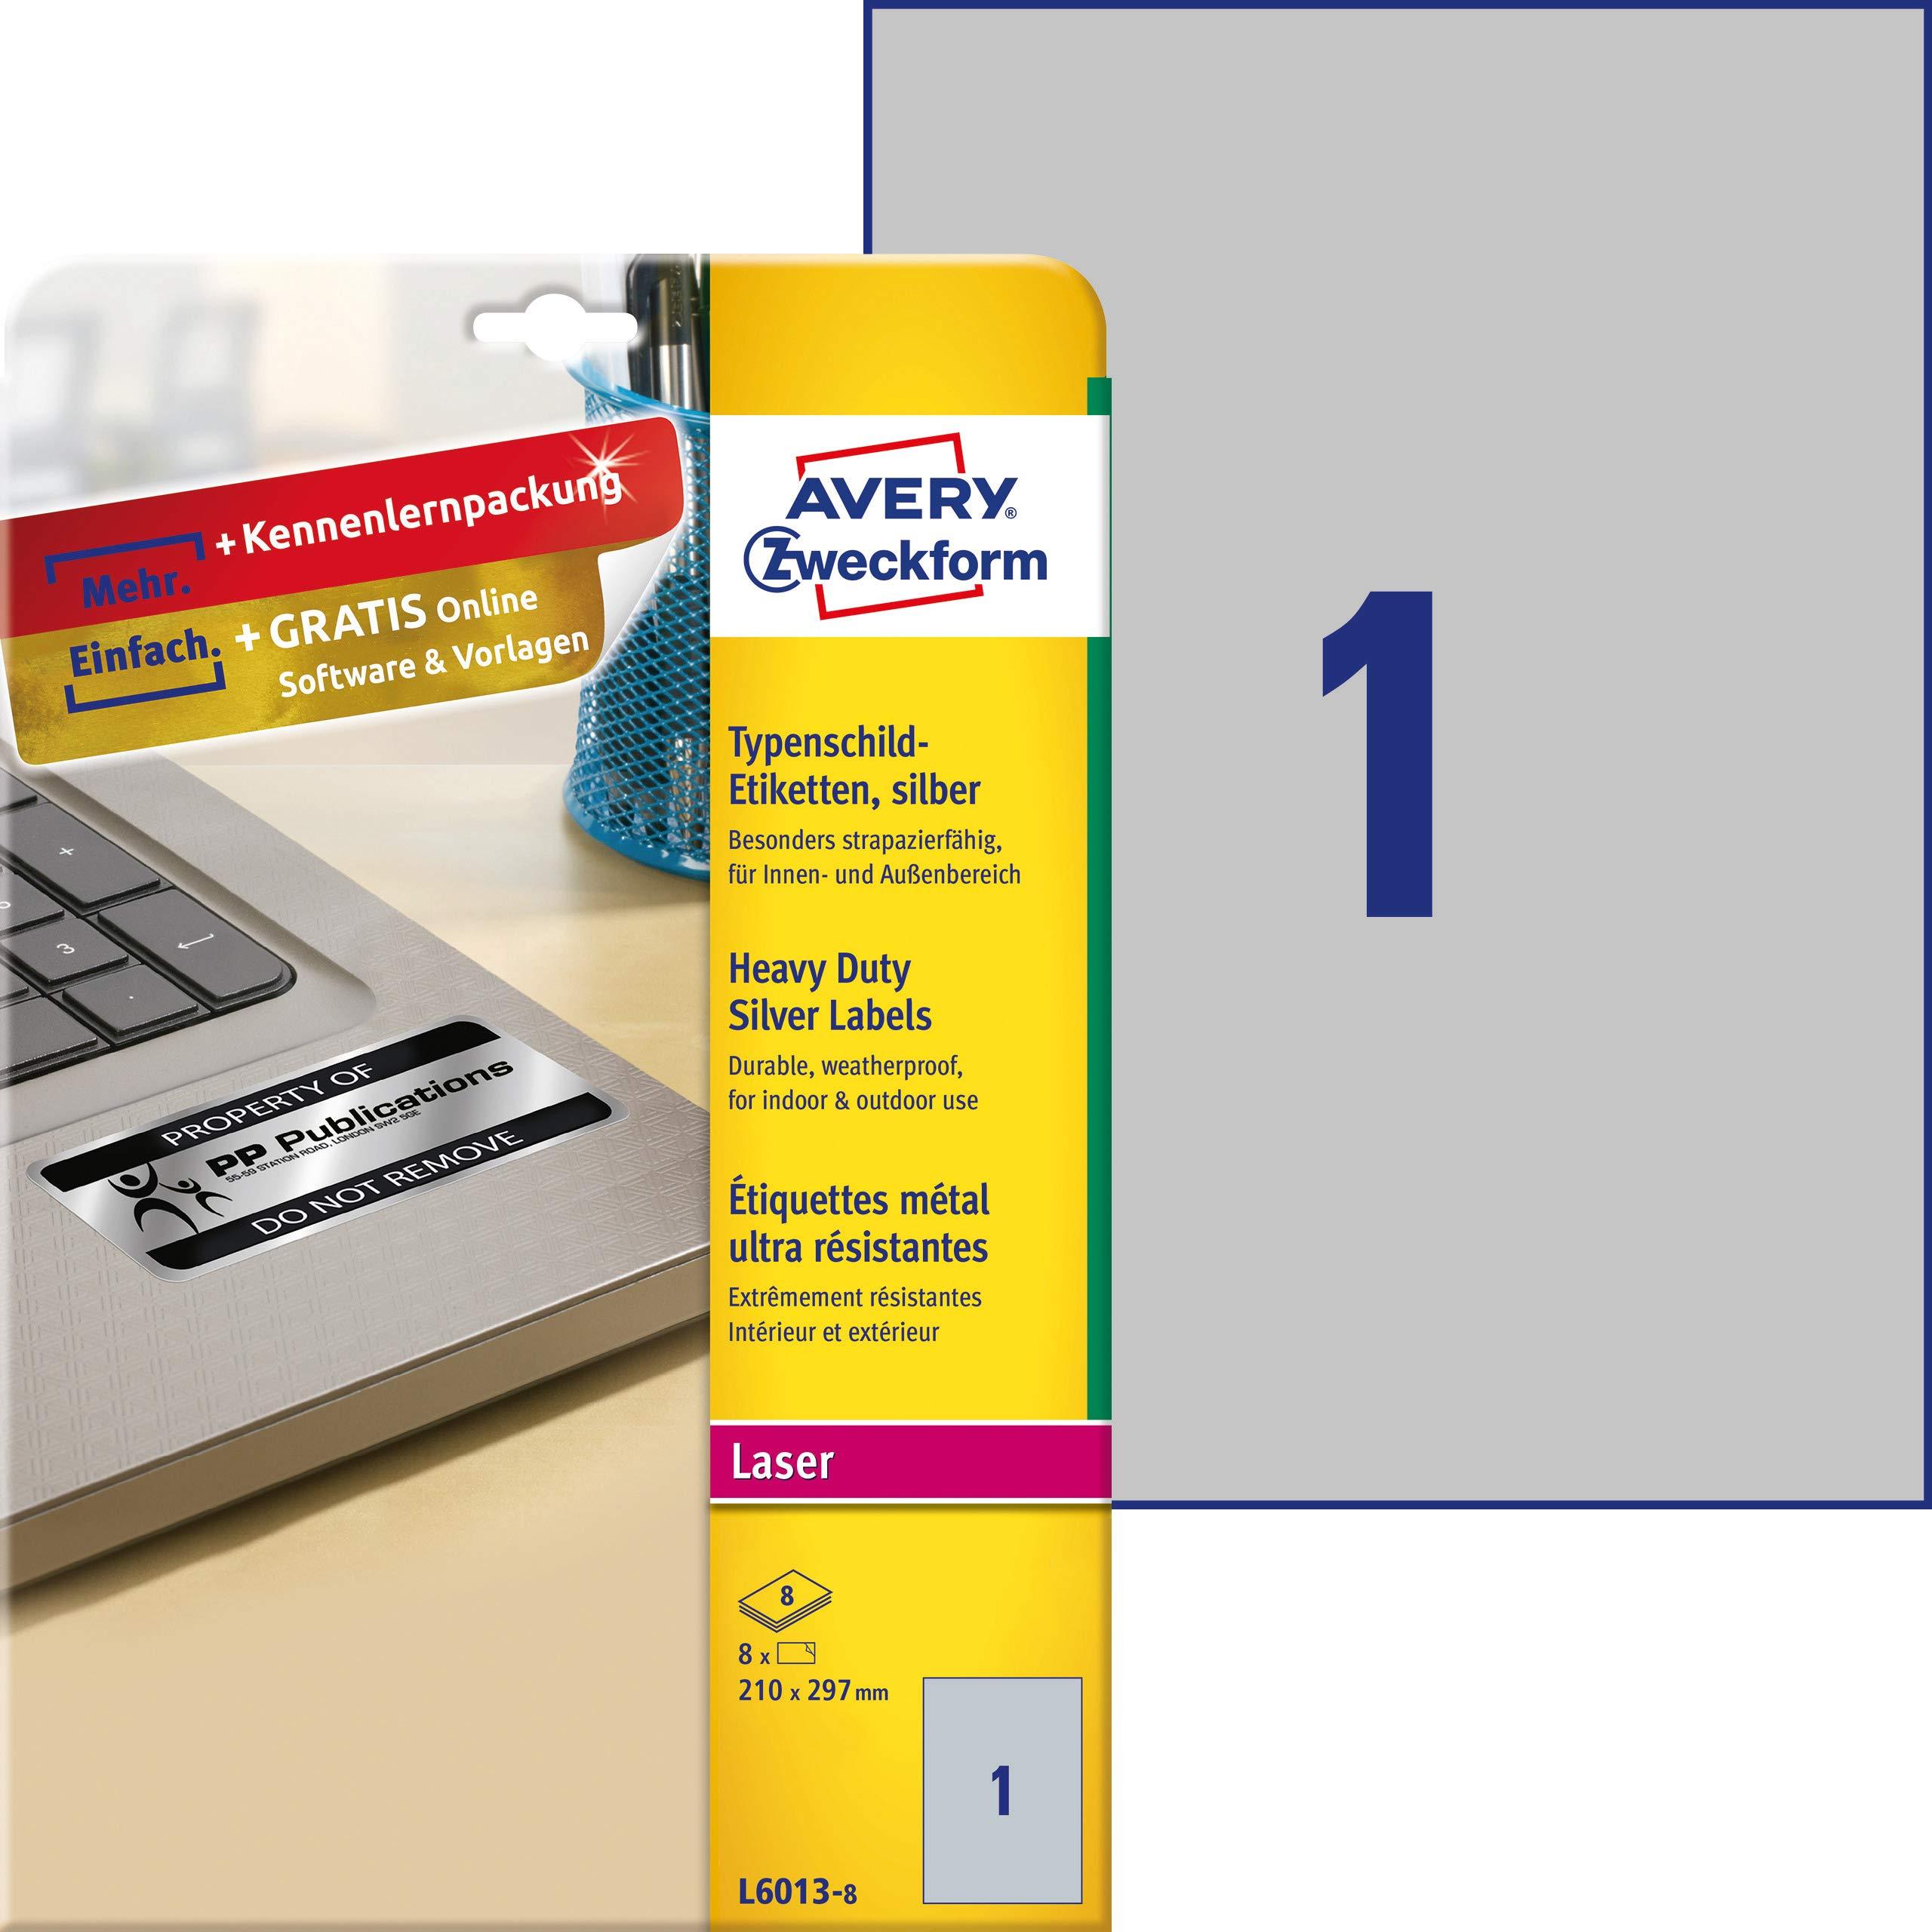 Avery España L6013-8 - Pack de 8 hojas de etiquetas para seguridad, 210 x 297 mm, color plata: Amazon.es: Oficina y papelería